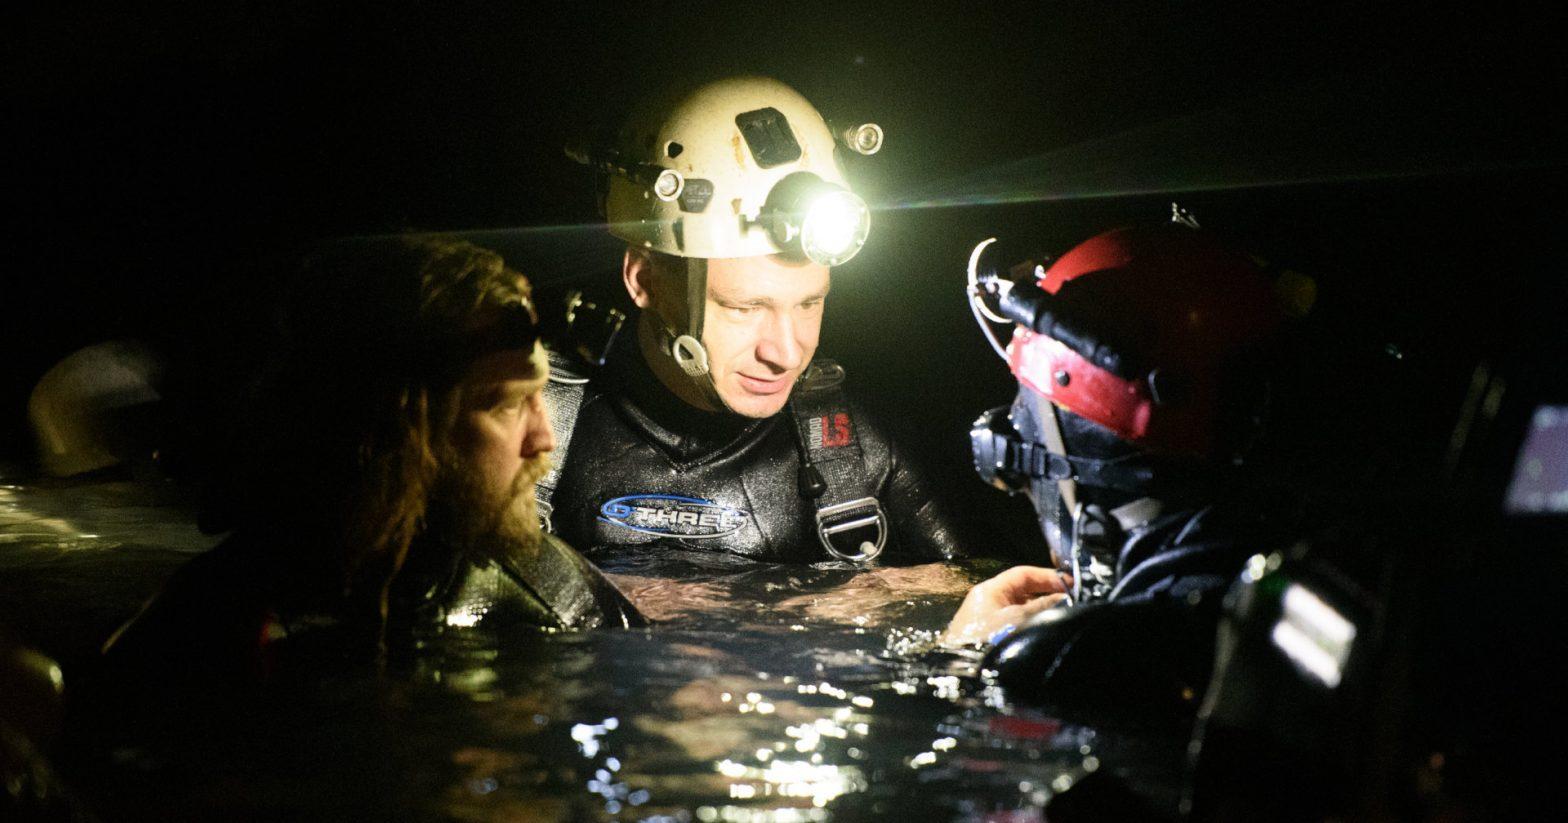 """""""จิม วอร์นีย์"""" นักดำน้ำกู้ภัยแห่งเขานางนอนกับบทบาทนักแสดงใน The Cave"""